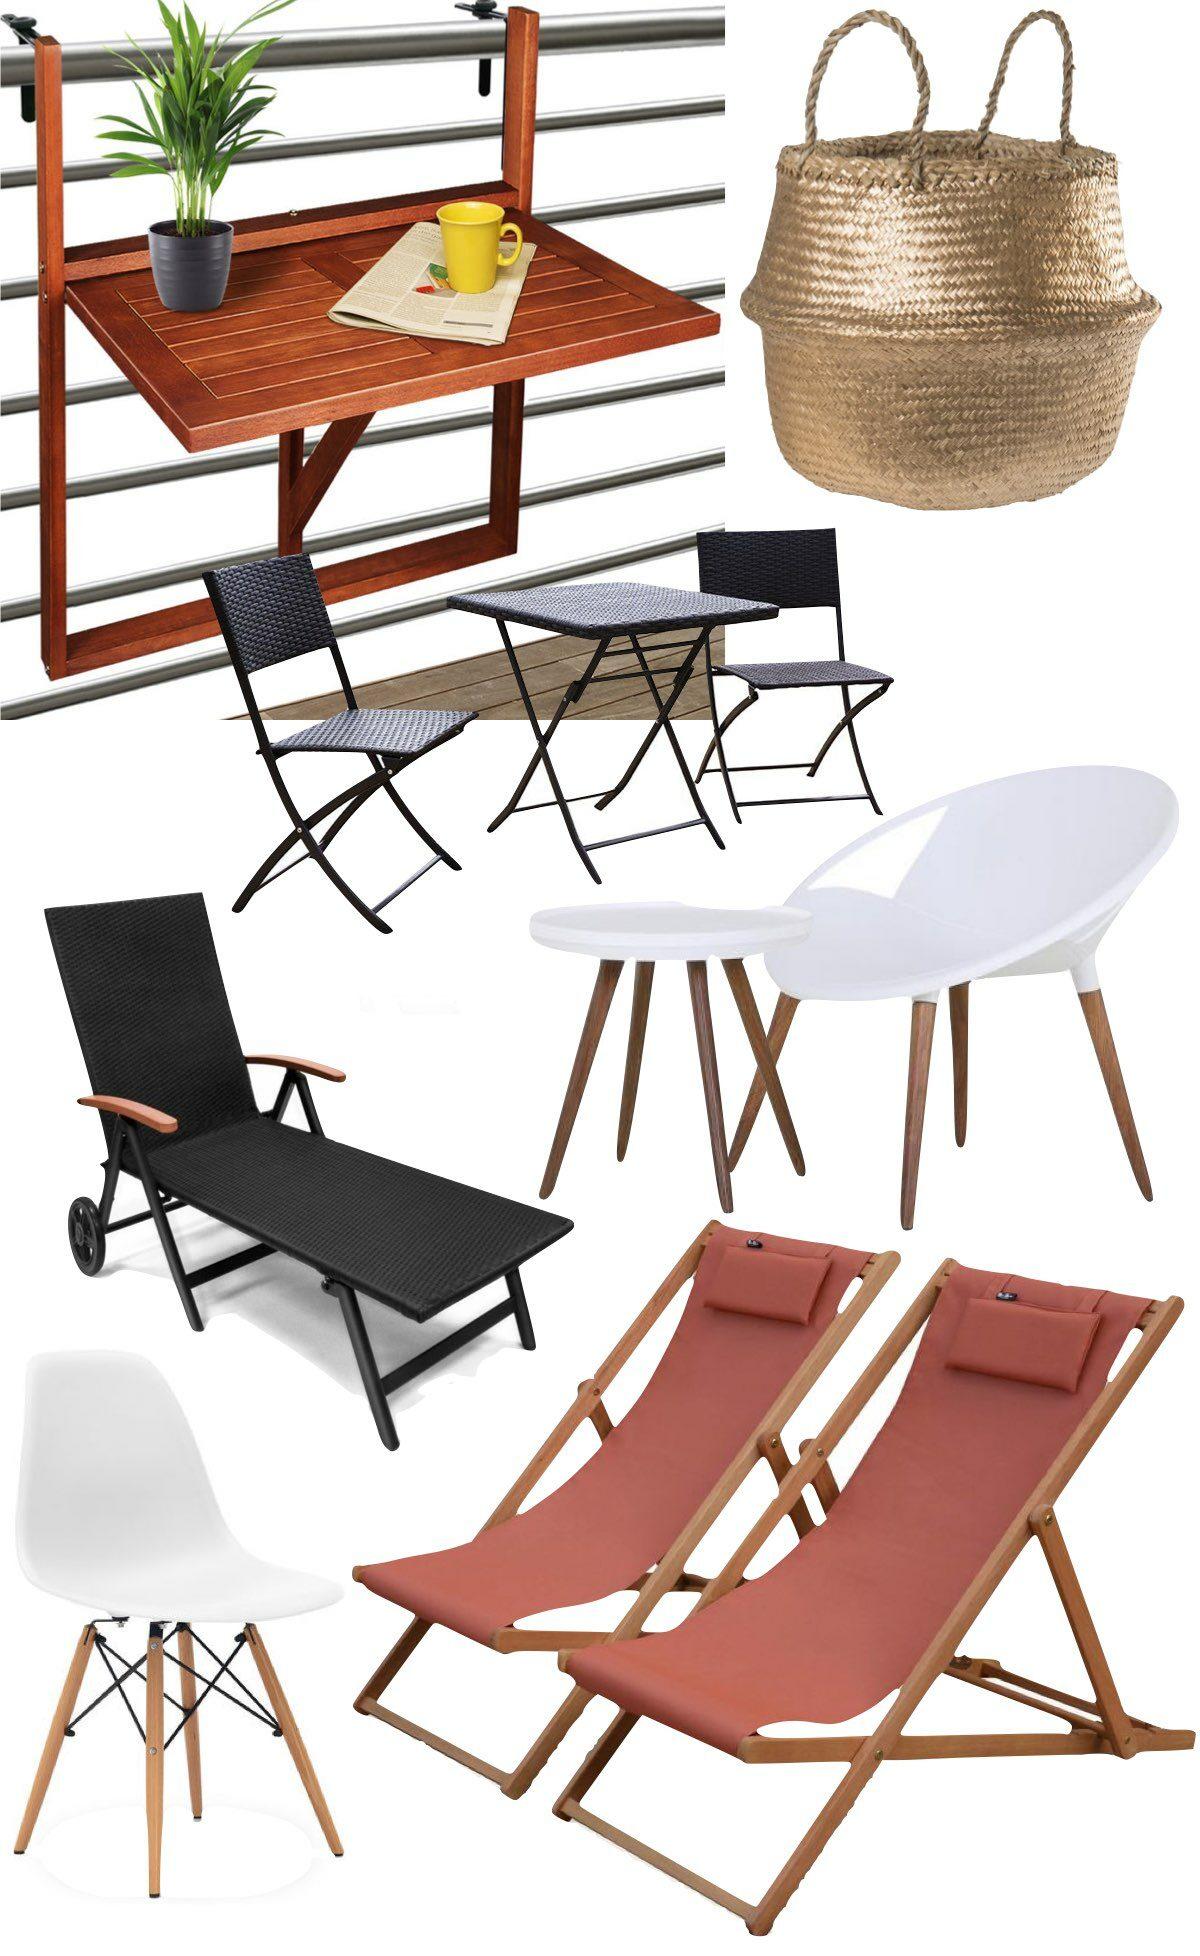 soldes 2020 manomano meuble balcon étroit transat pliable